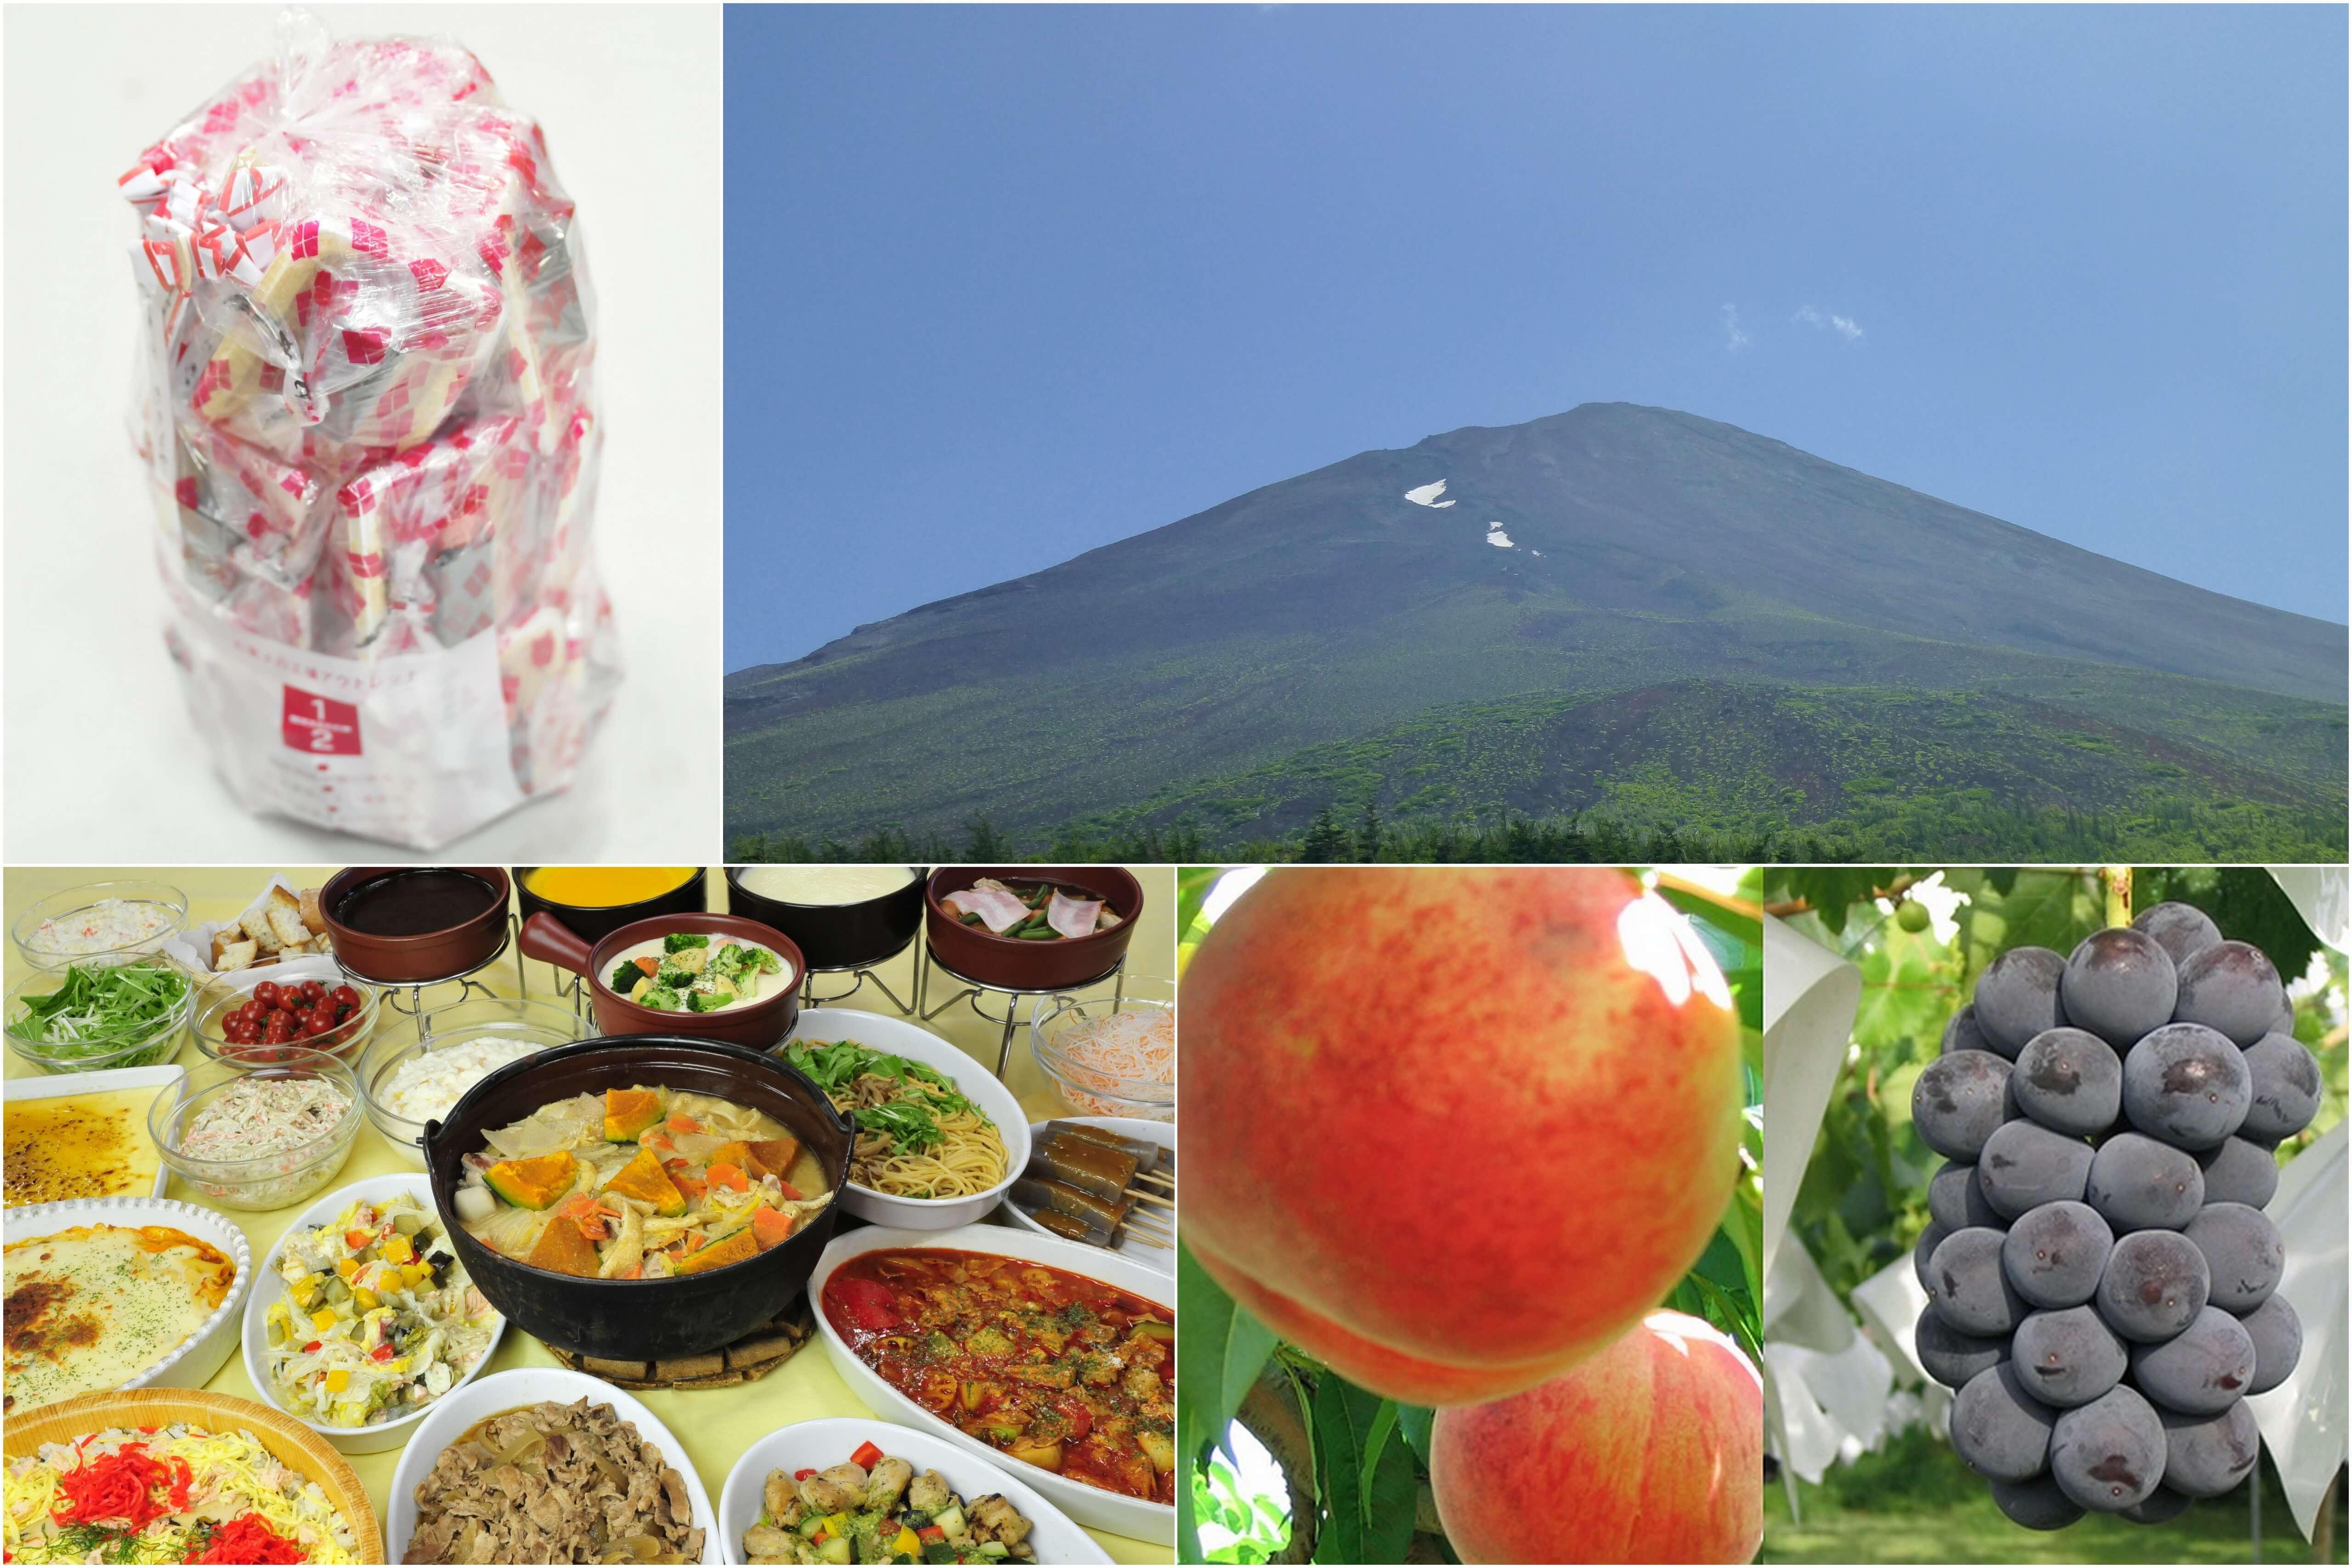 やまなし満腹満足-夏~初秋編-! 人気の桔梗信玄餅詰め放題と旬のフルーツ狩り♪雲上の富士山五合目へ行こう!